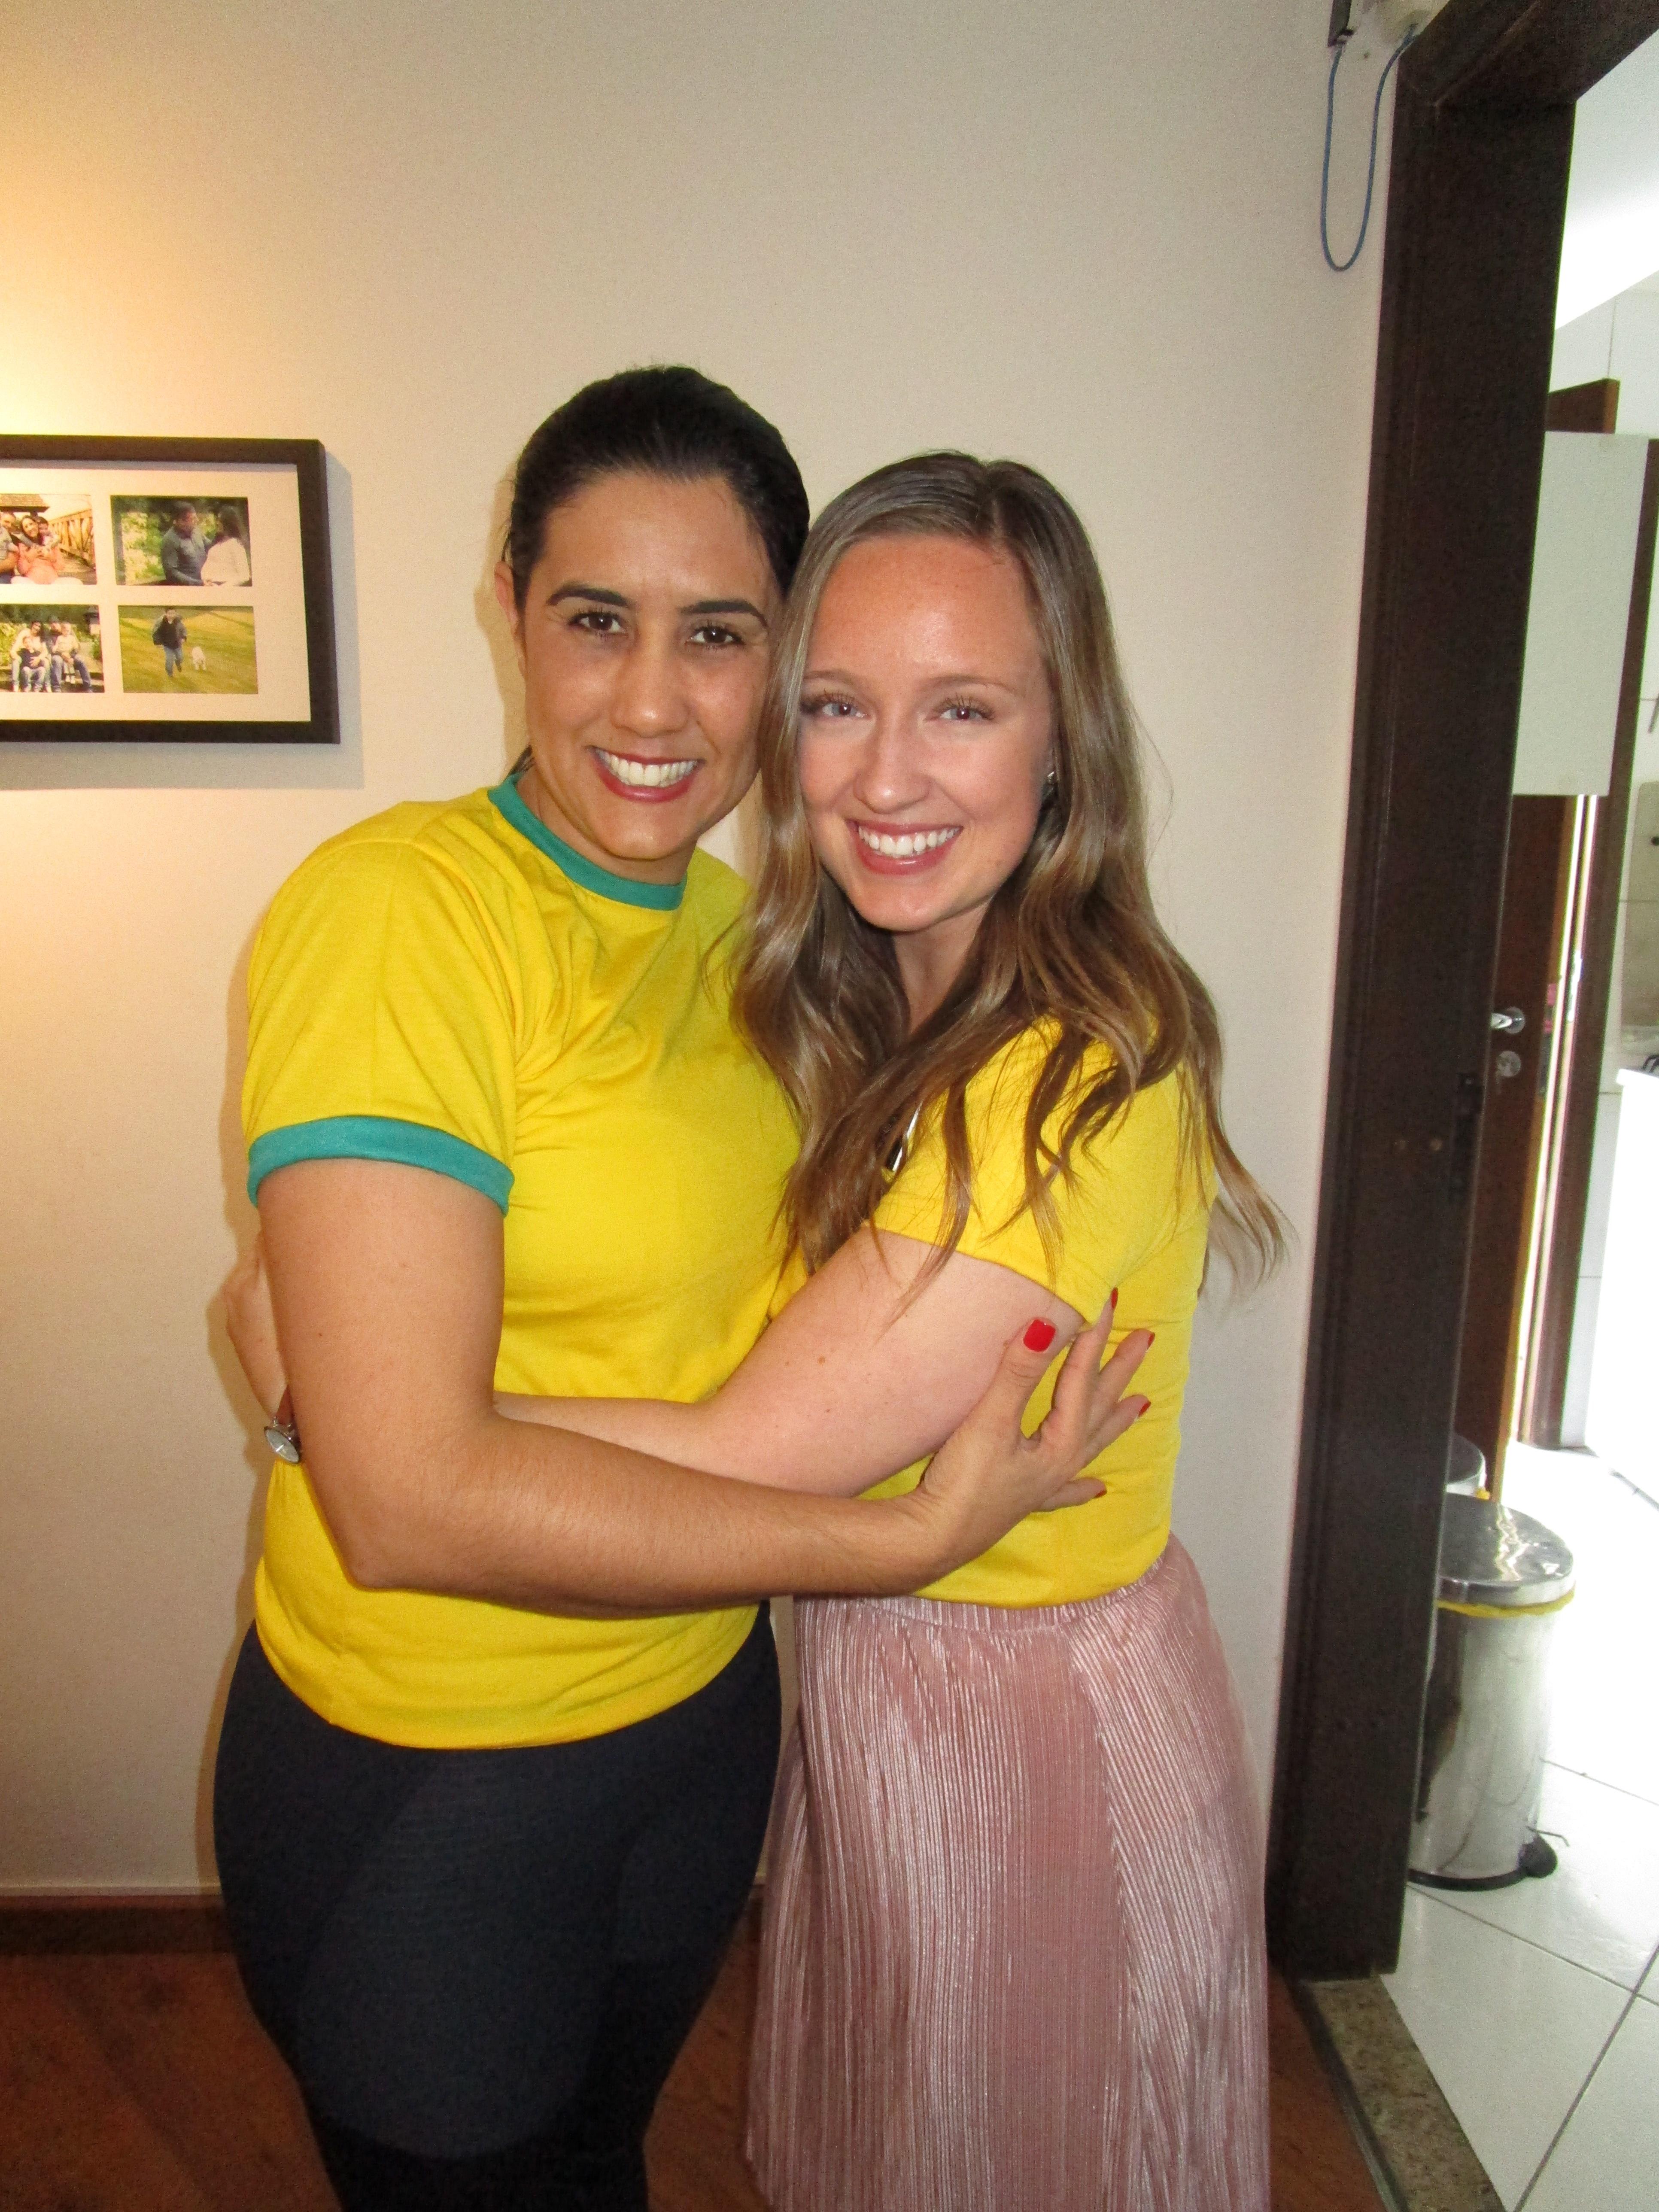 Andreia Rodrigues fez companhia para Monique McDown todos os dias após o acidente.